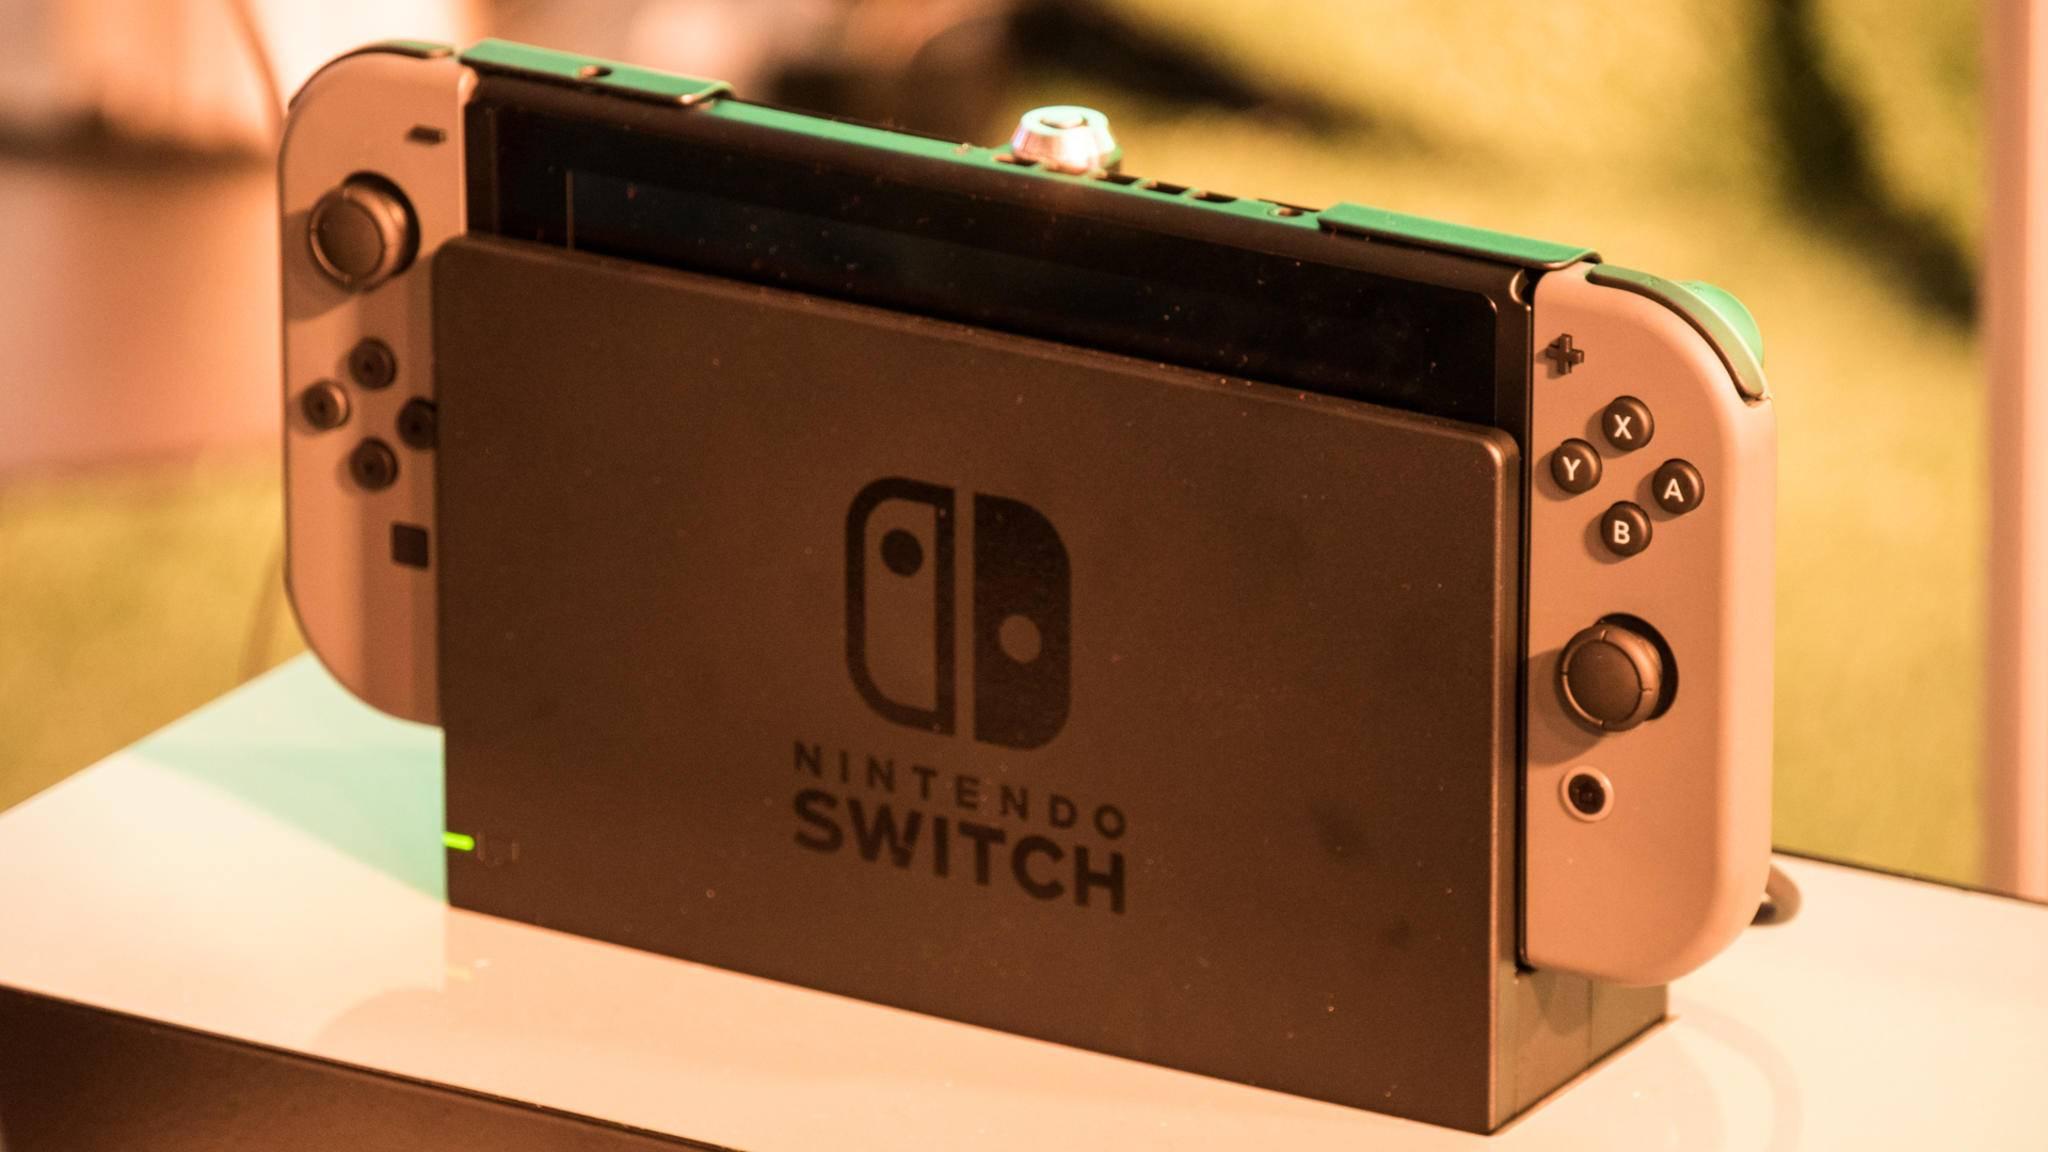 Die Nintendo Switch erscheint im März im Handel.